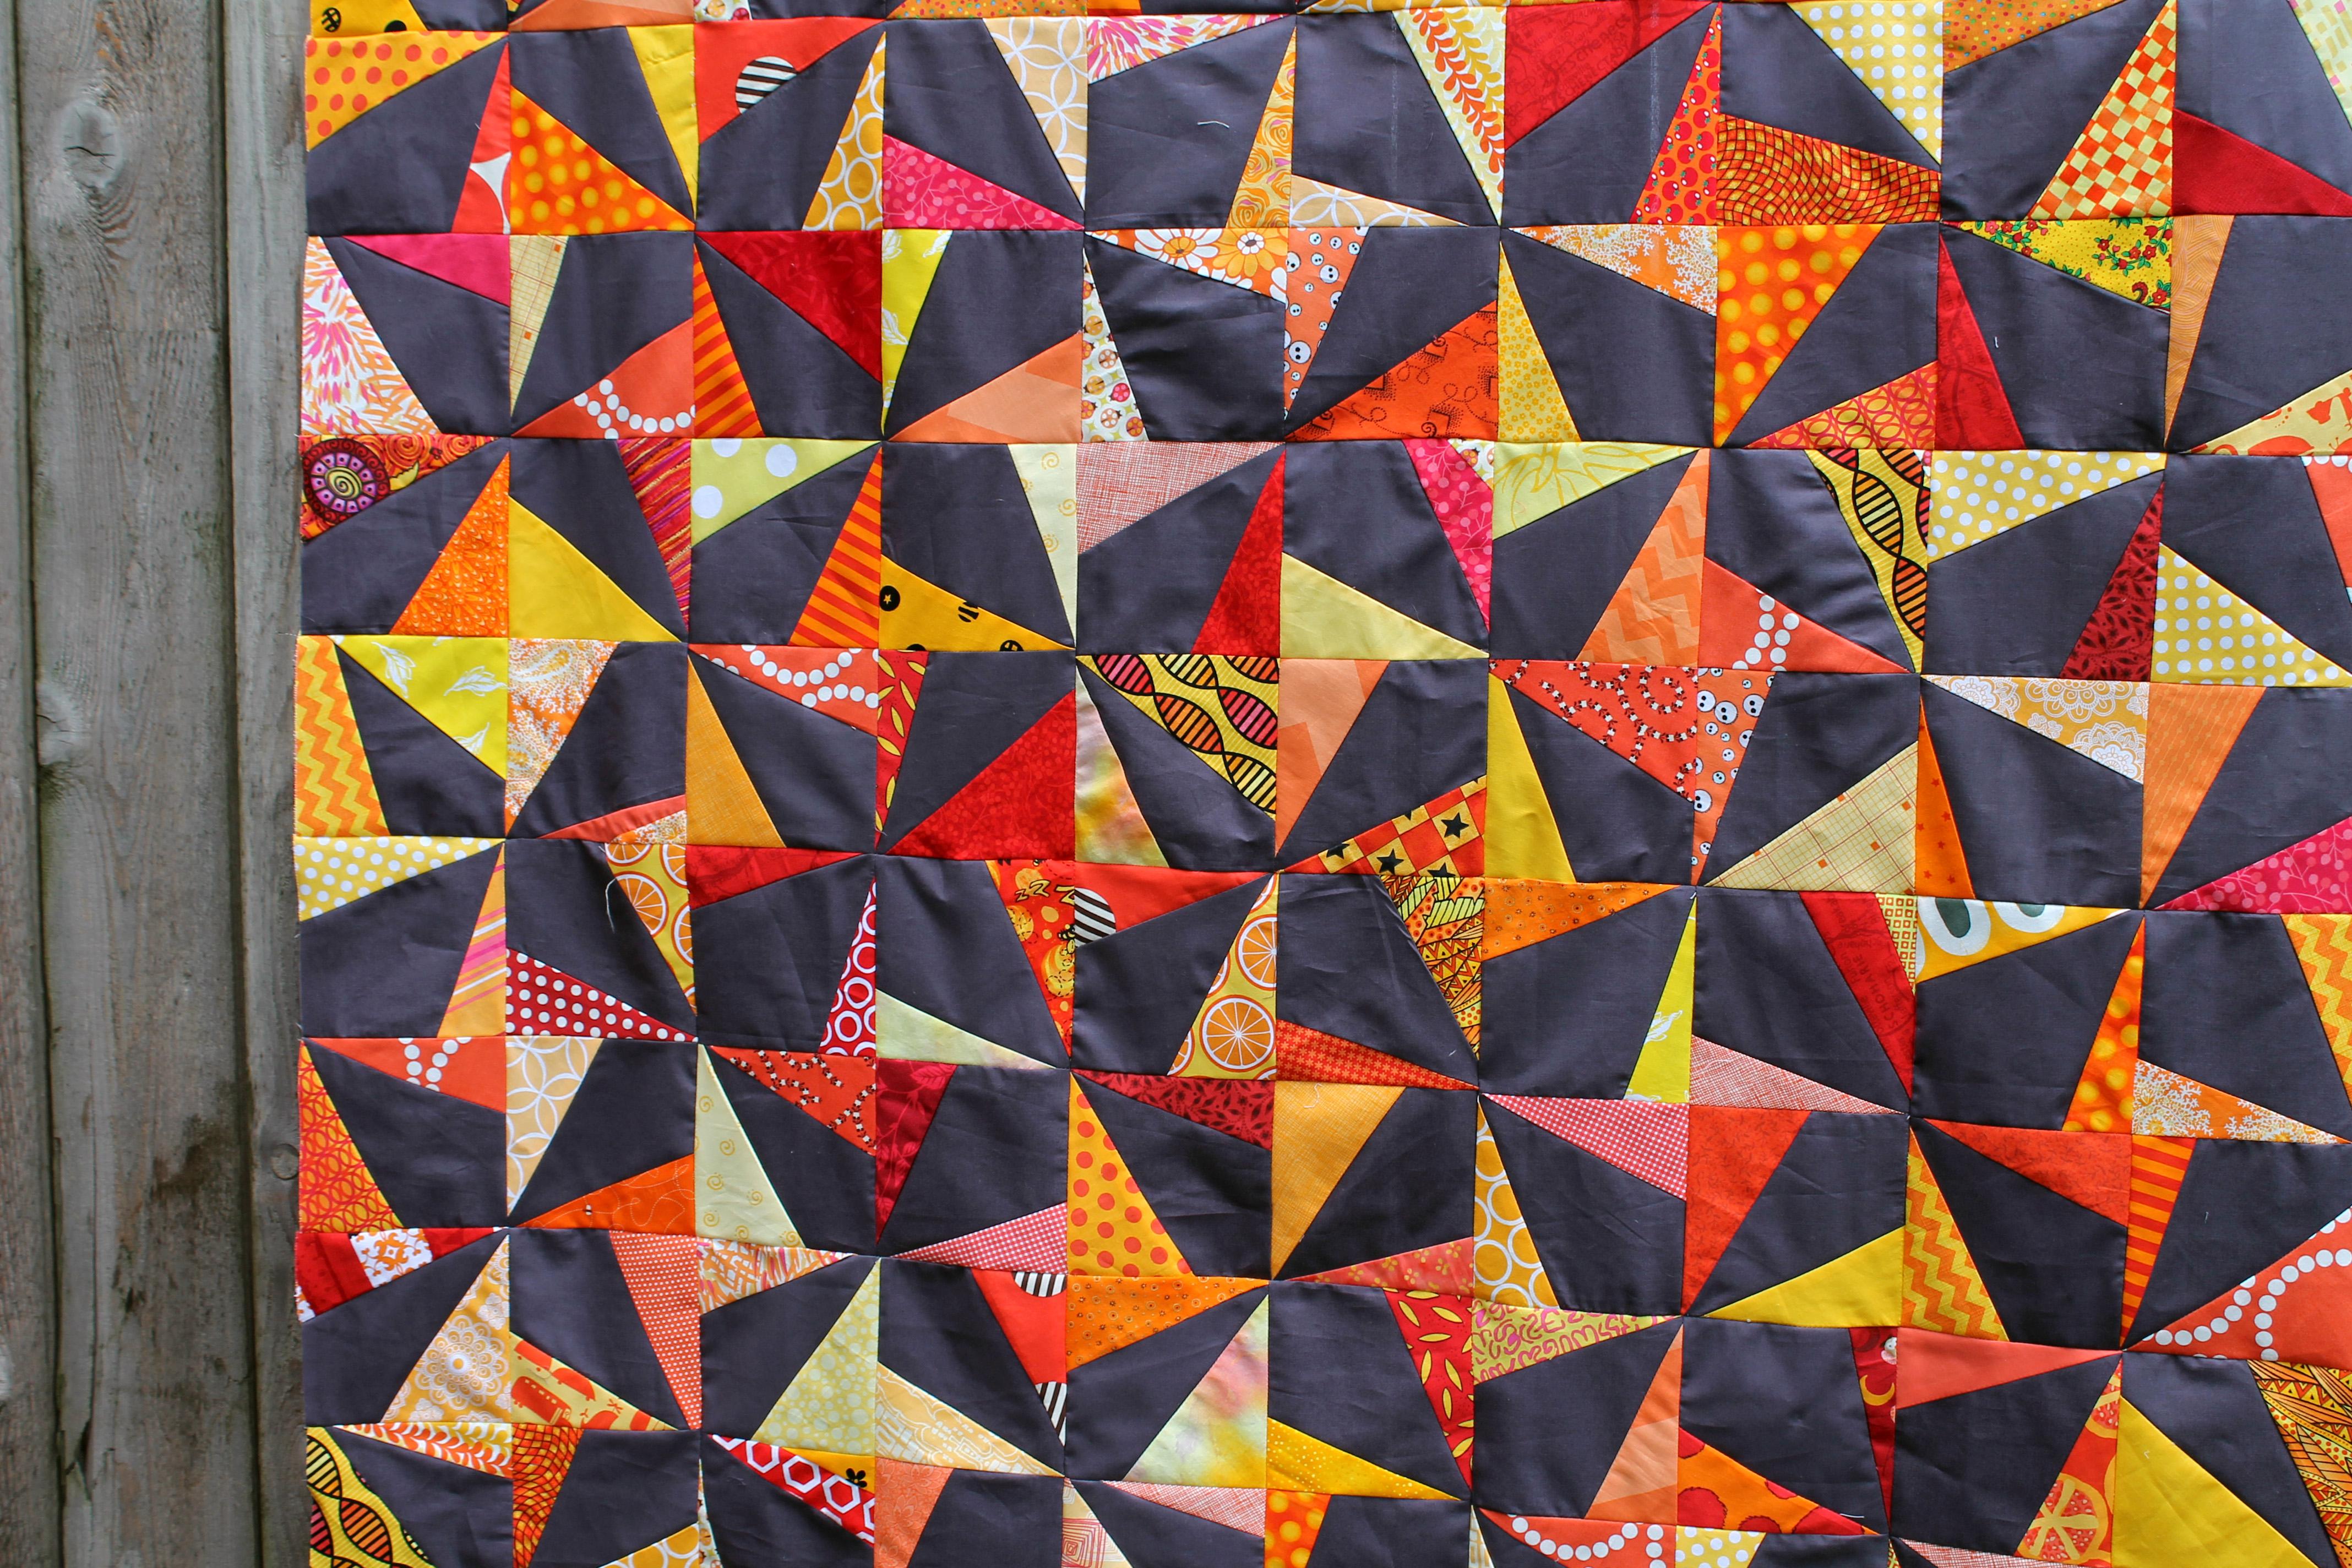 wonky pinwheel quilt top close up